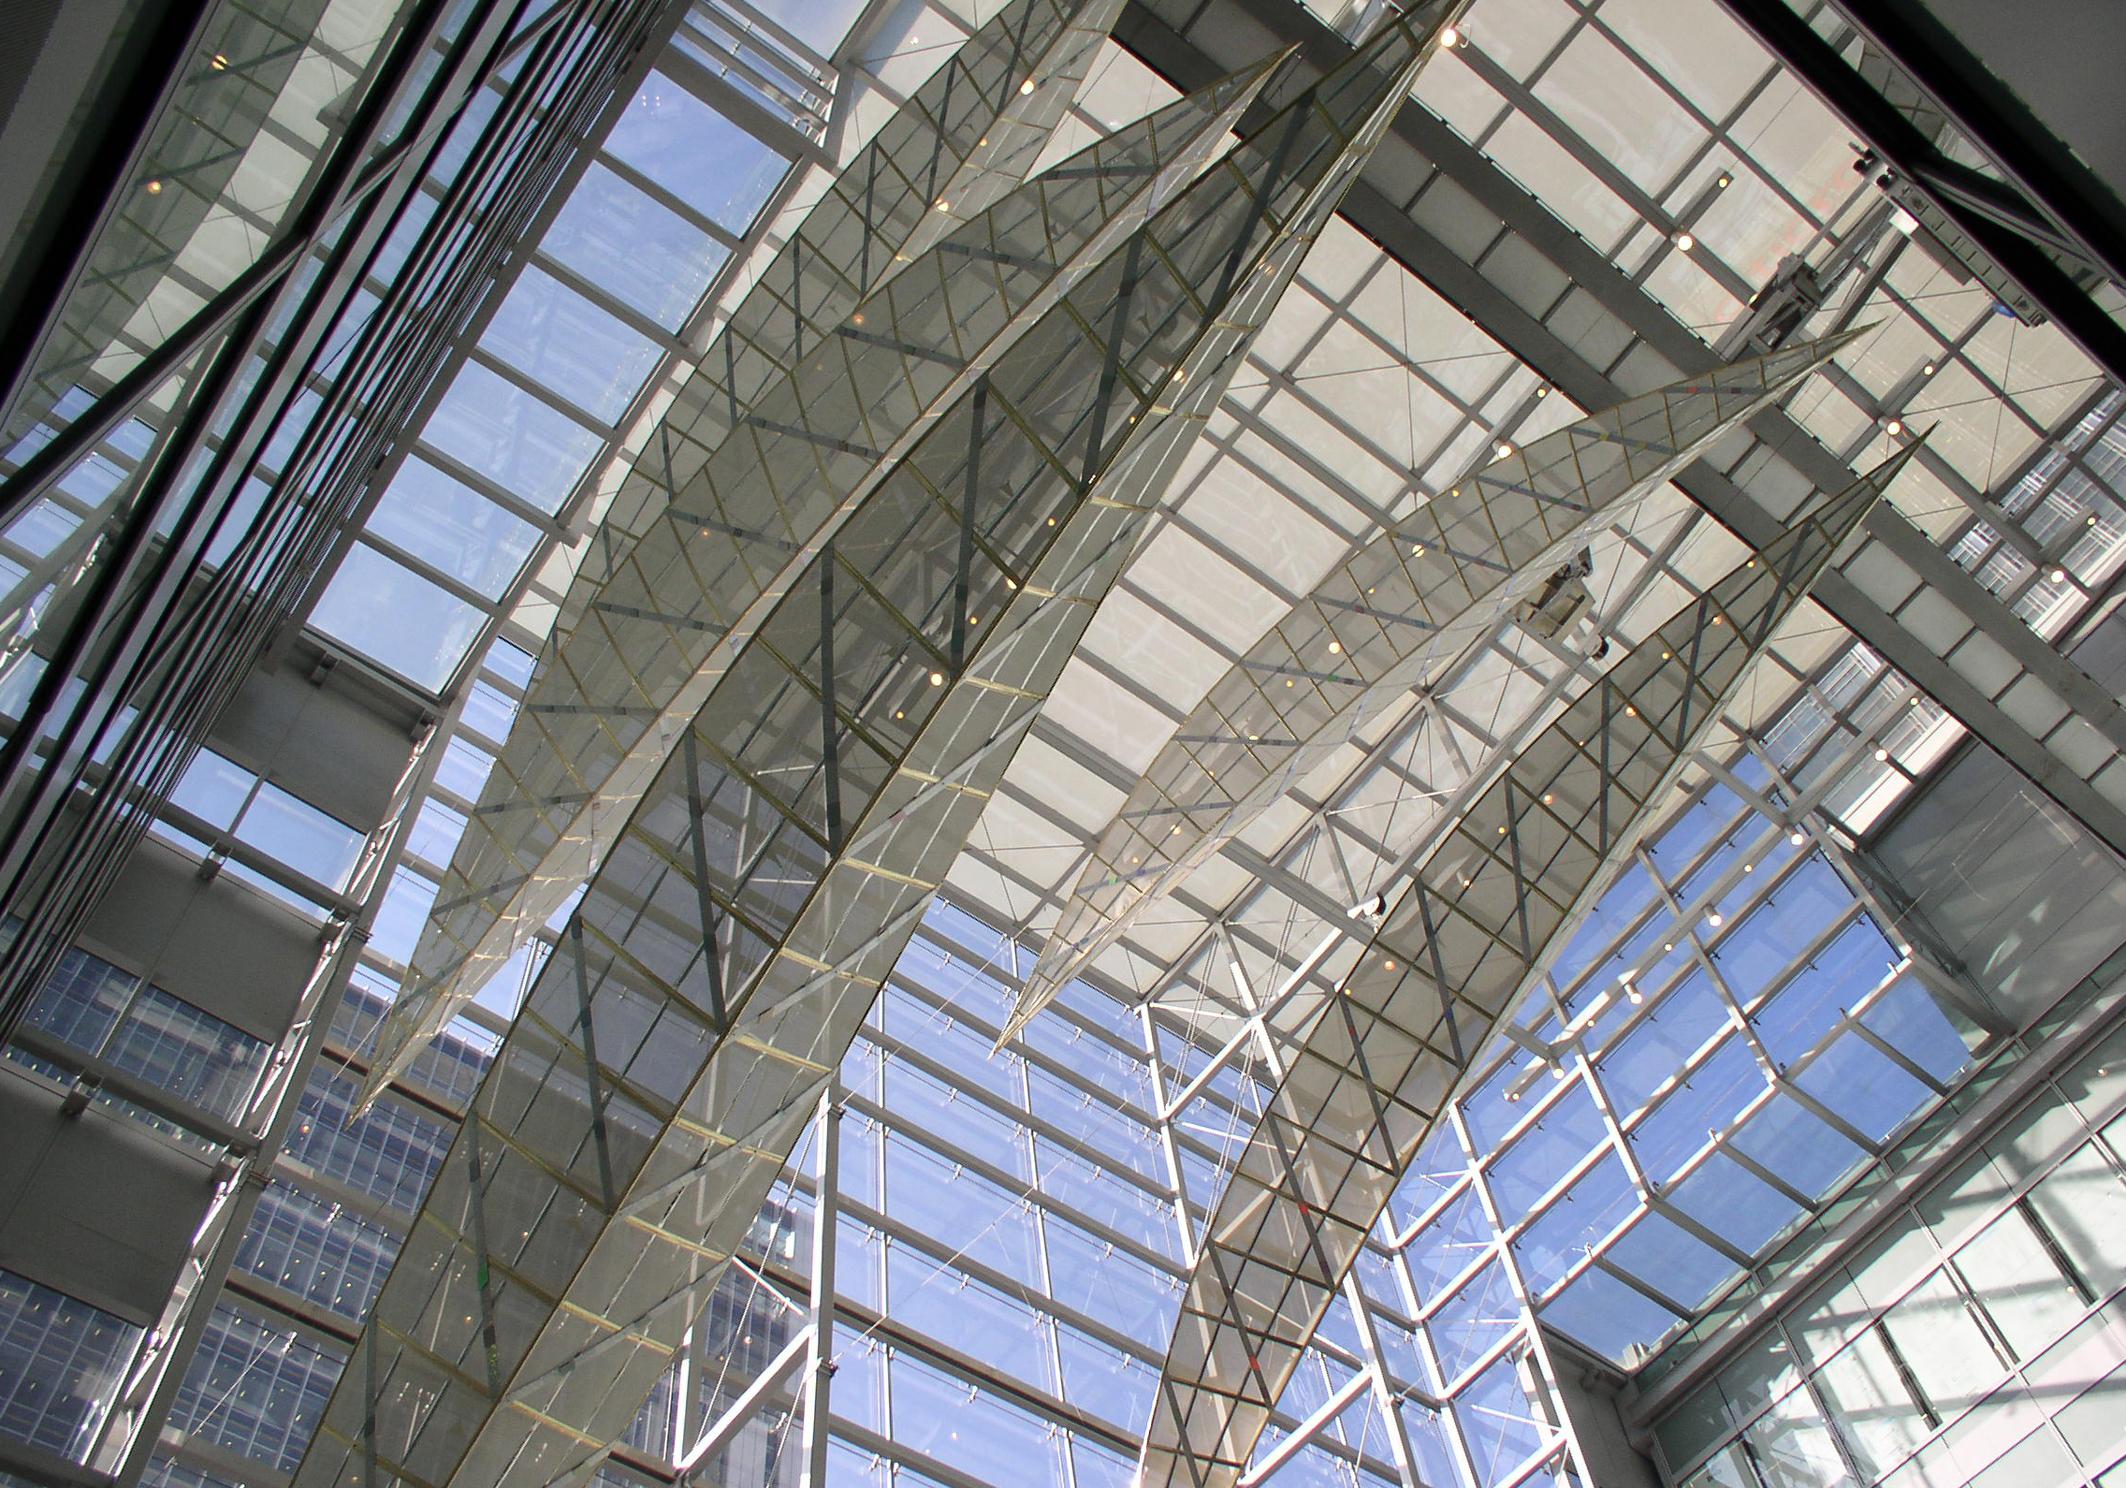 McGraw-Hill Atrium Art Canary Wharf